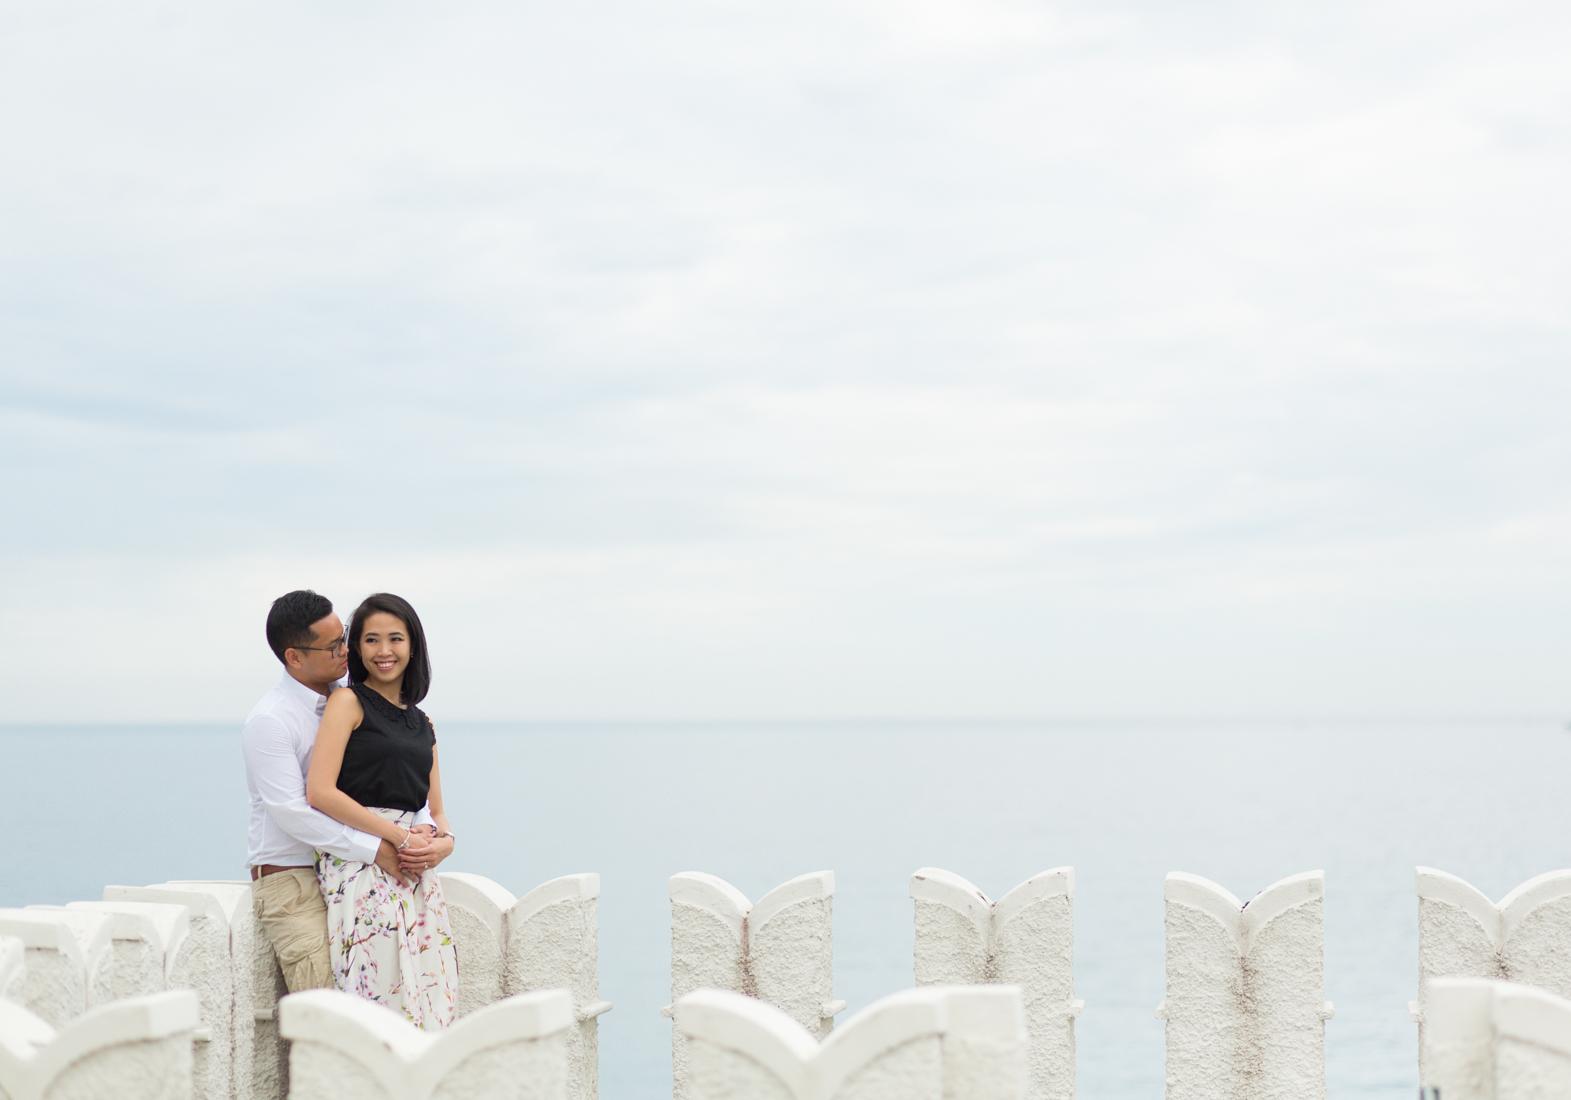 Jenny-Liu-Photography-Sumi&Adrian-Italy2016-9903.jpg